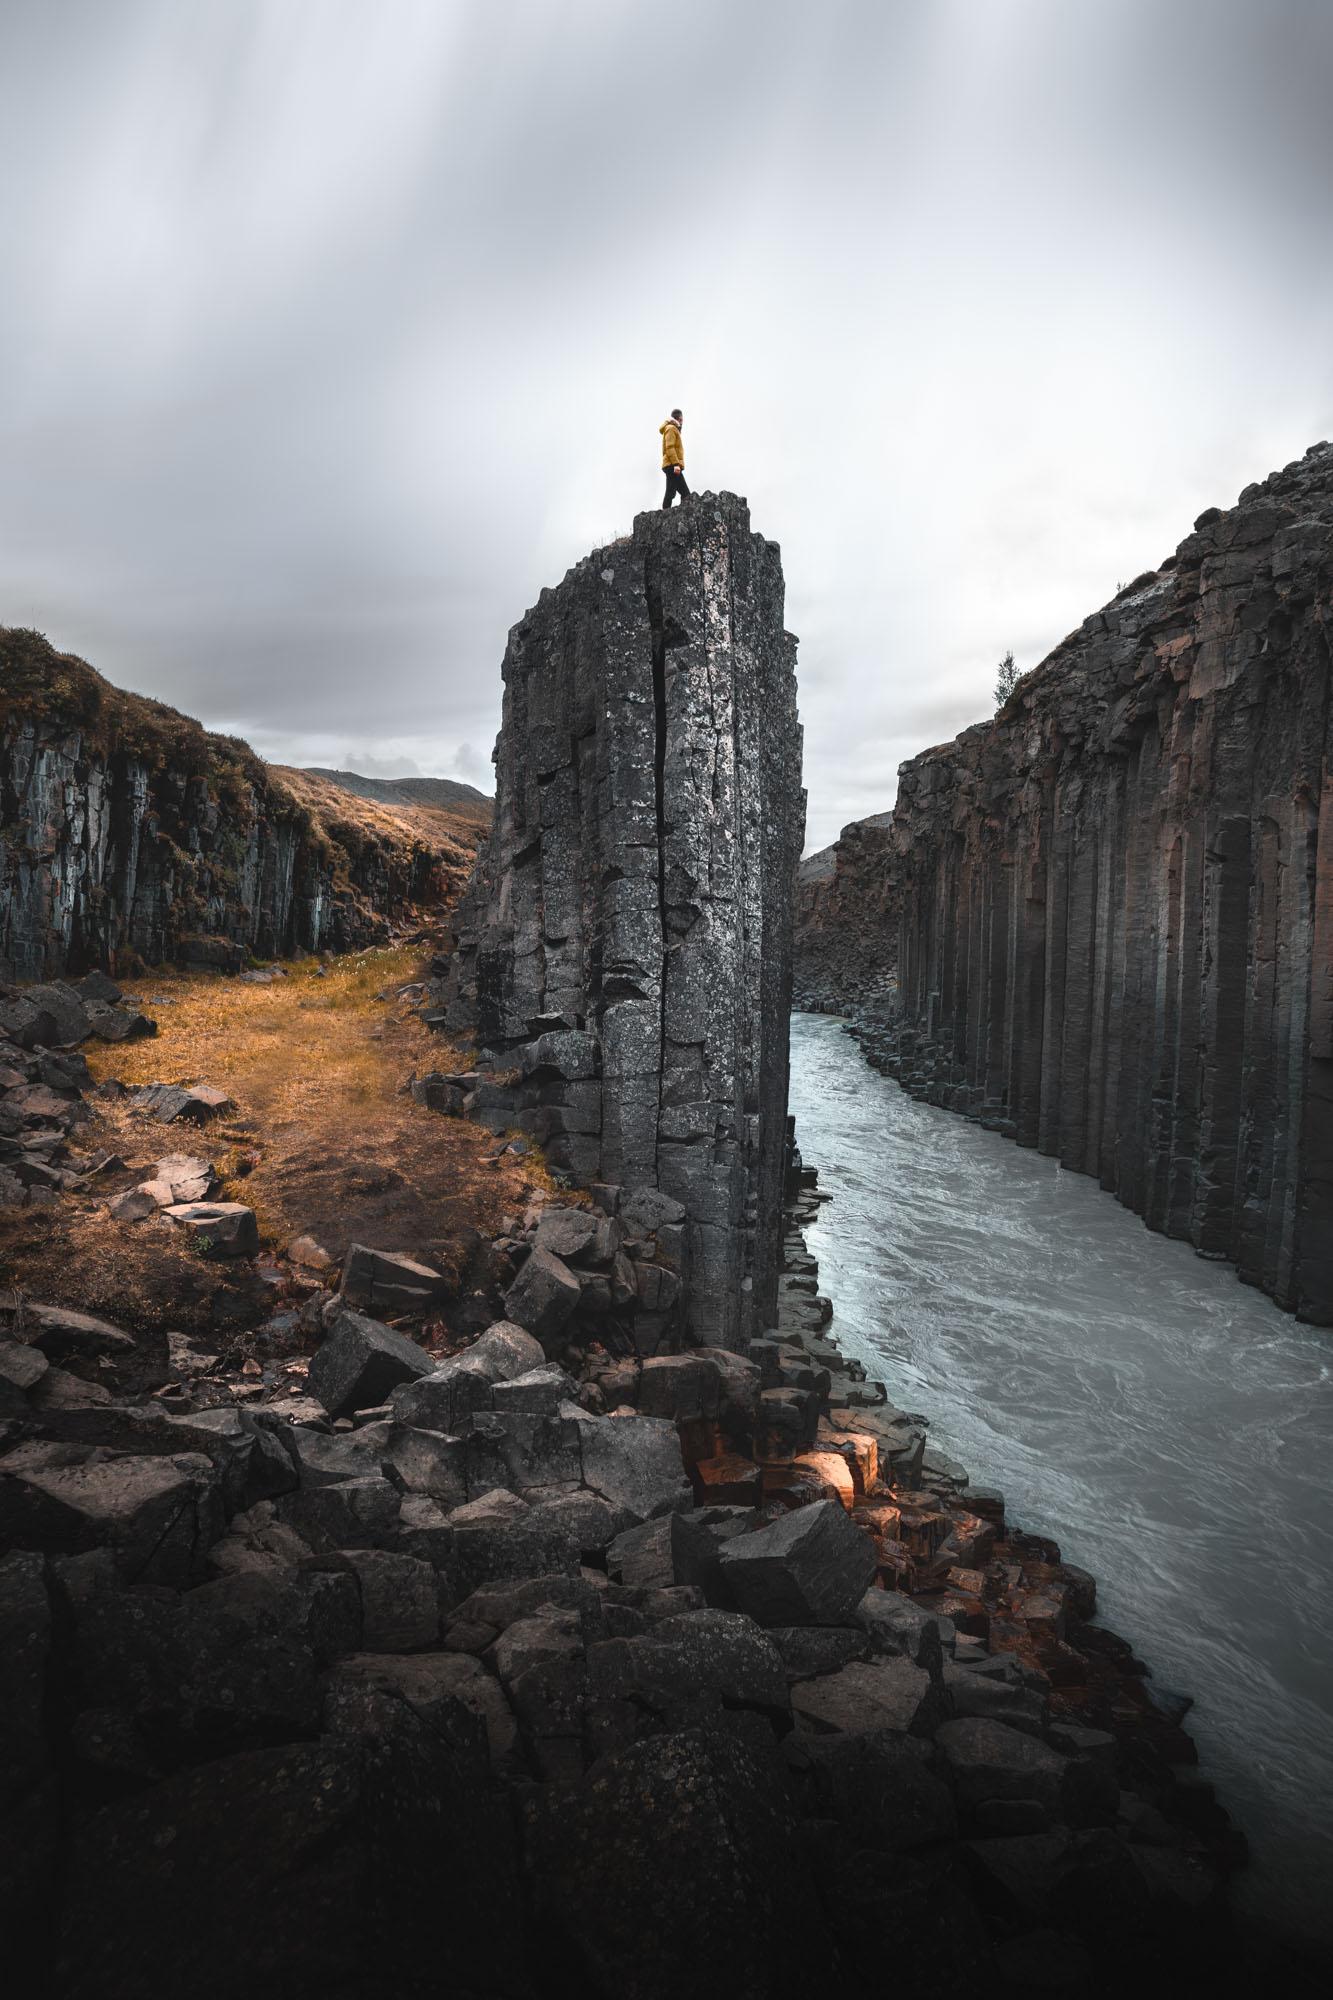 Acantilados y rio Islandia - Linzex